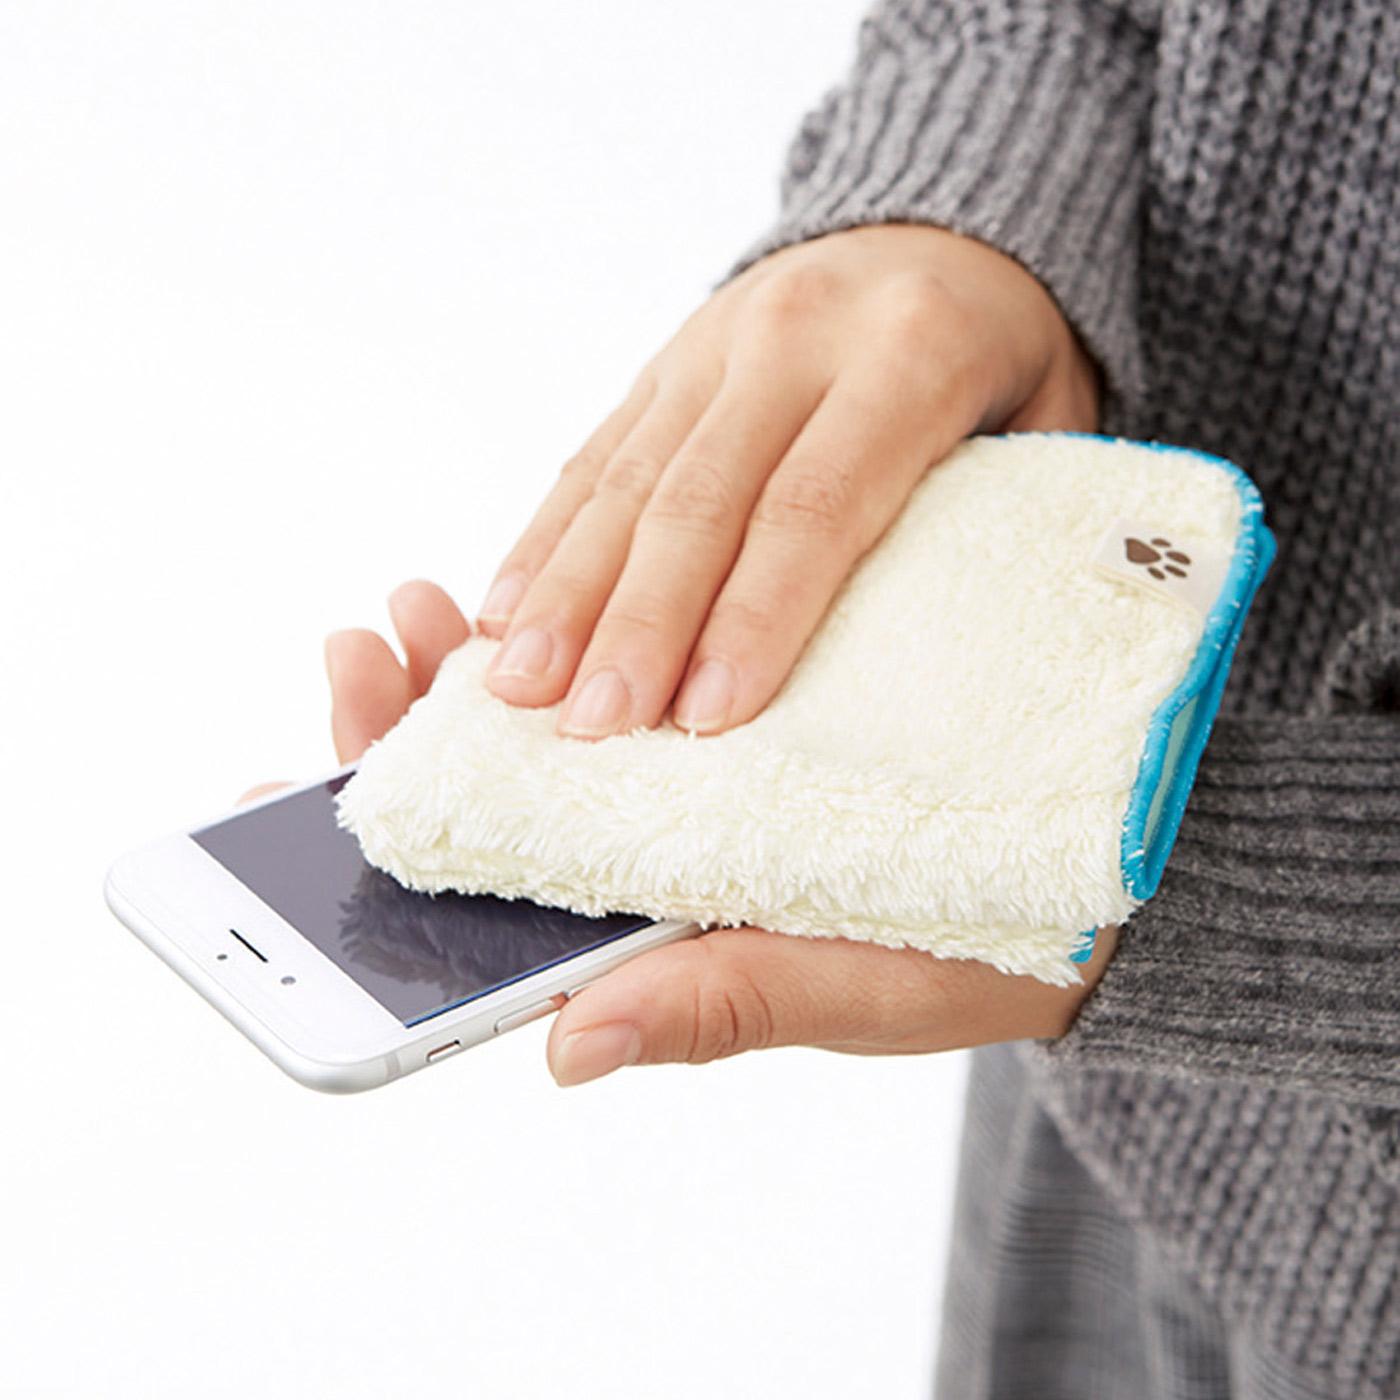 スマートフォンのディスプレイもピカピカに !